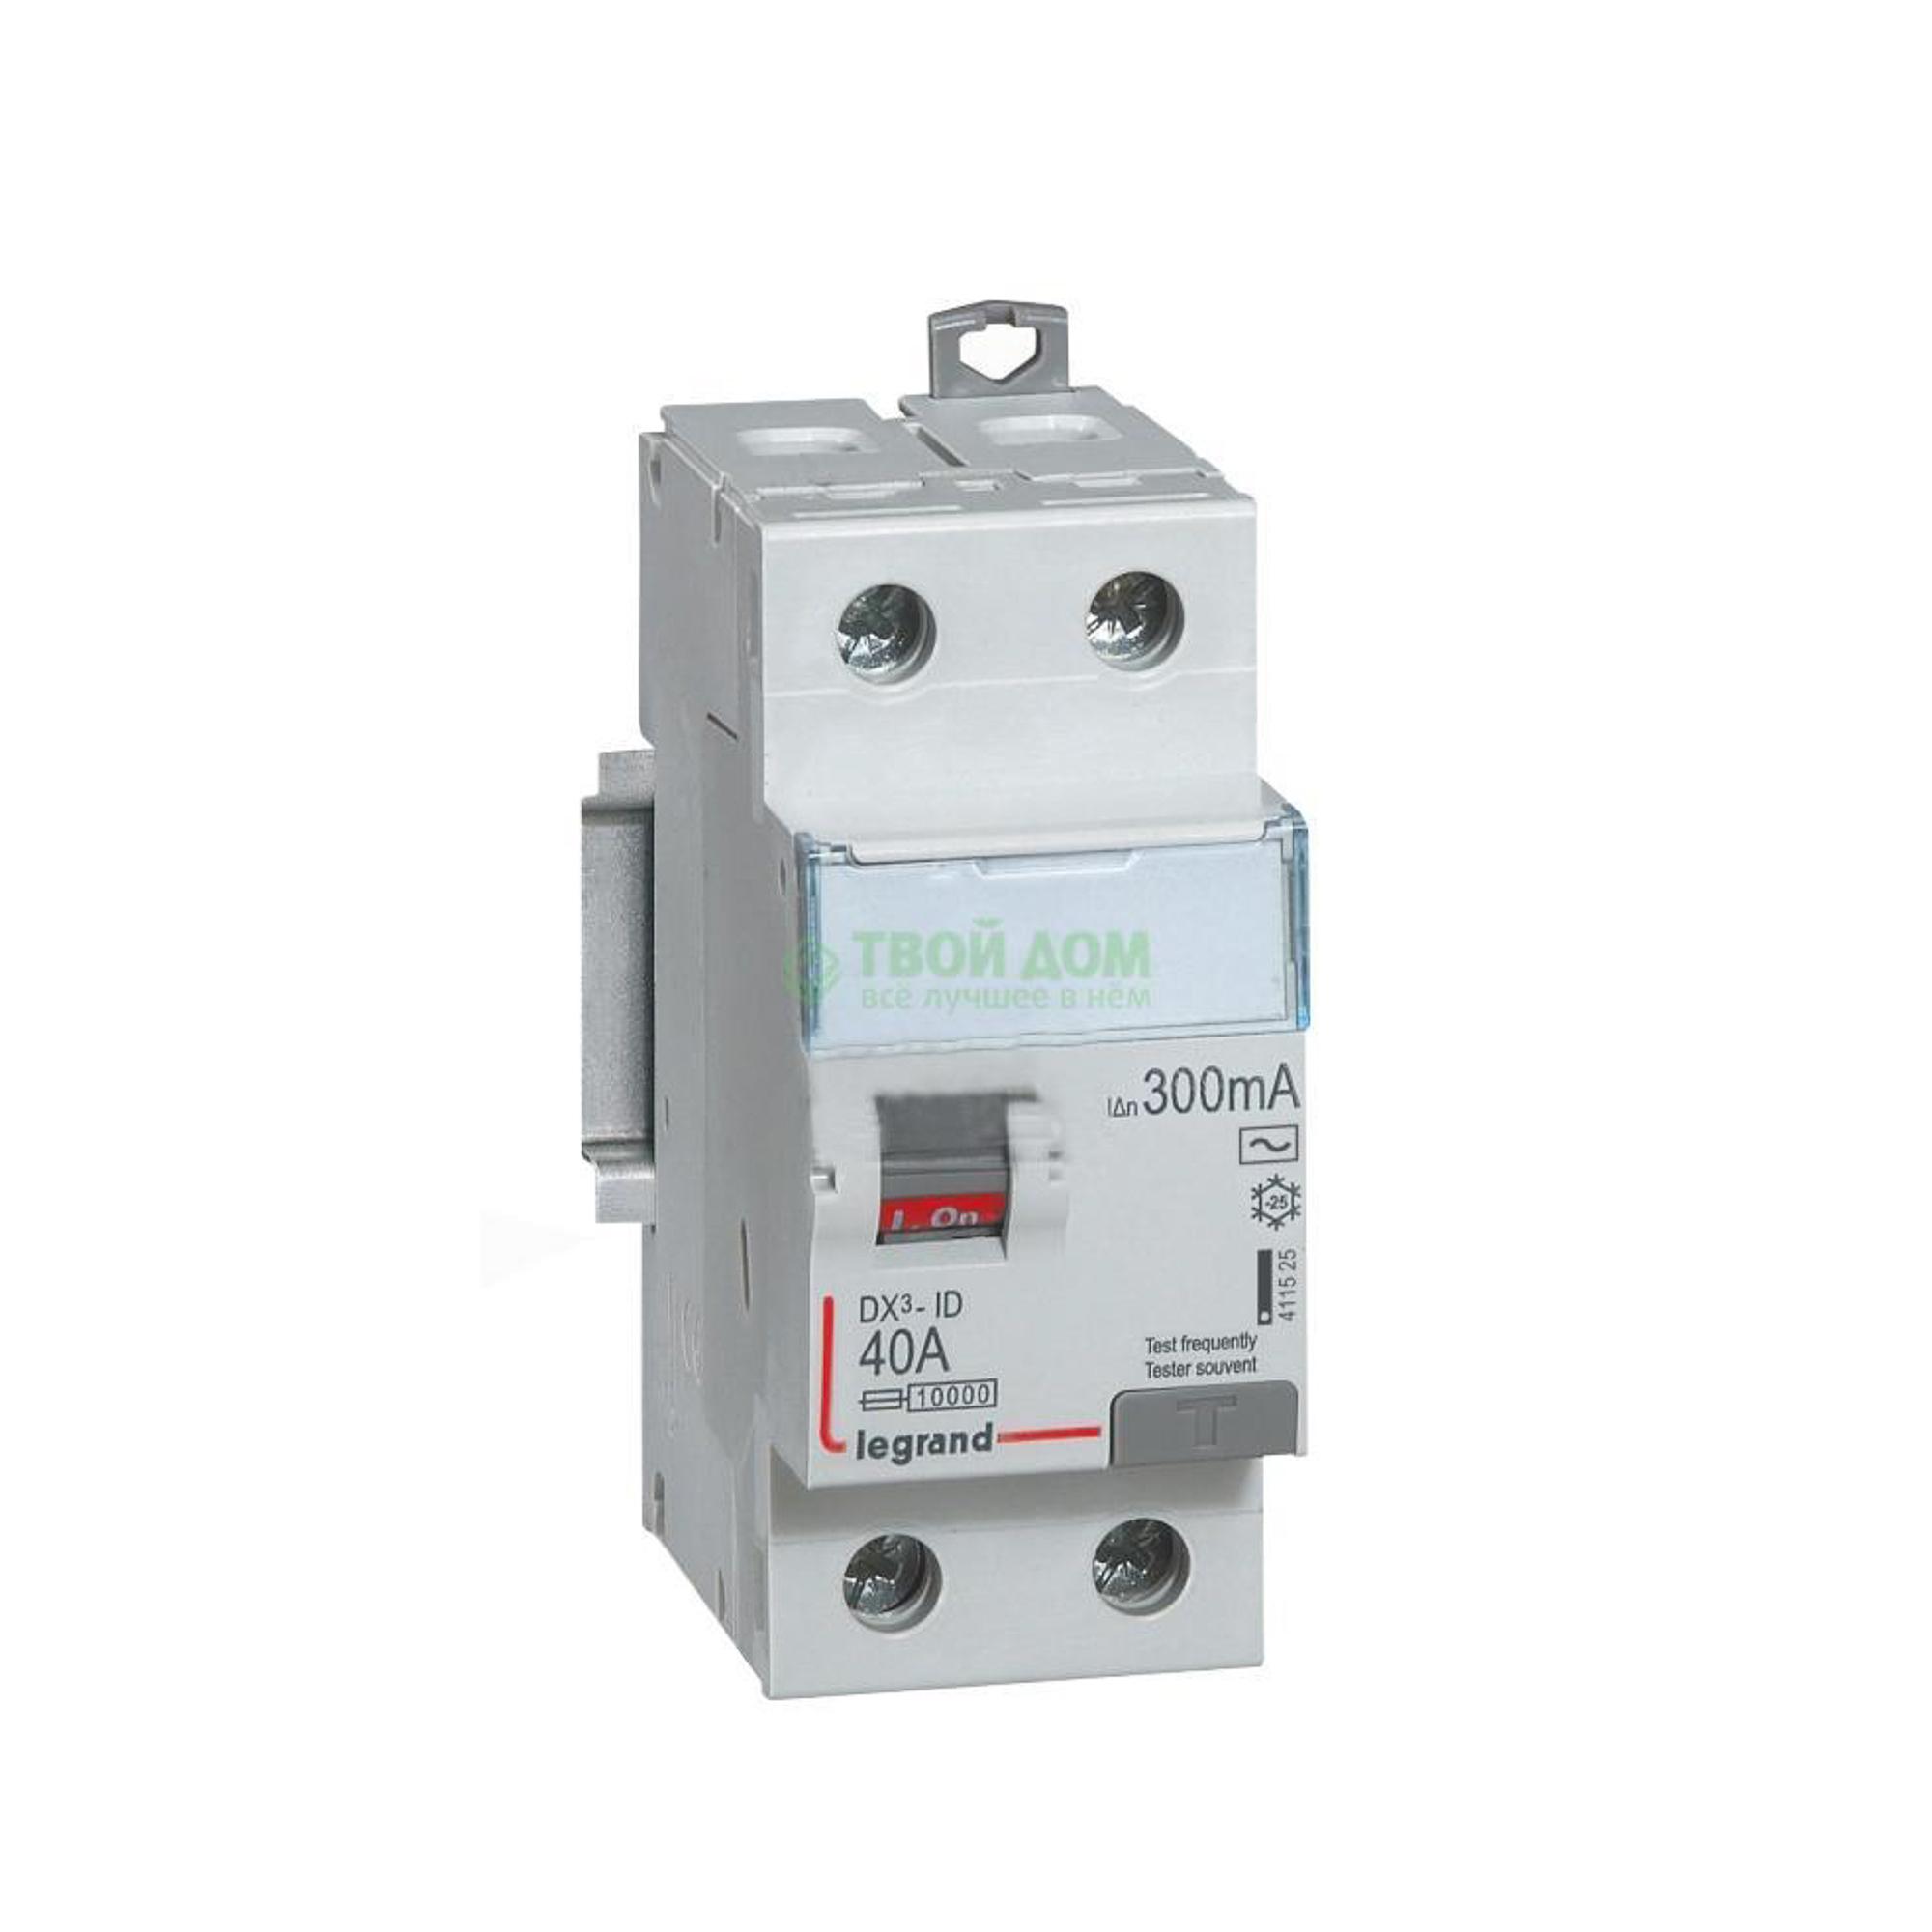 Купить Legrand Устройство защитного отключения вдт dx3, автоматический выключатель, Франция